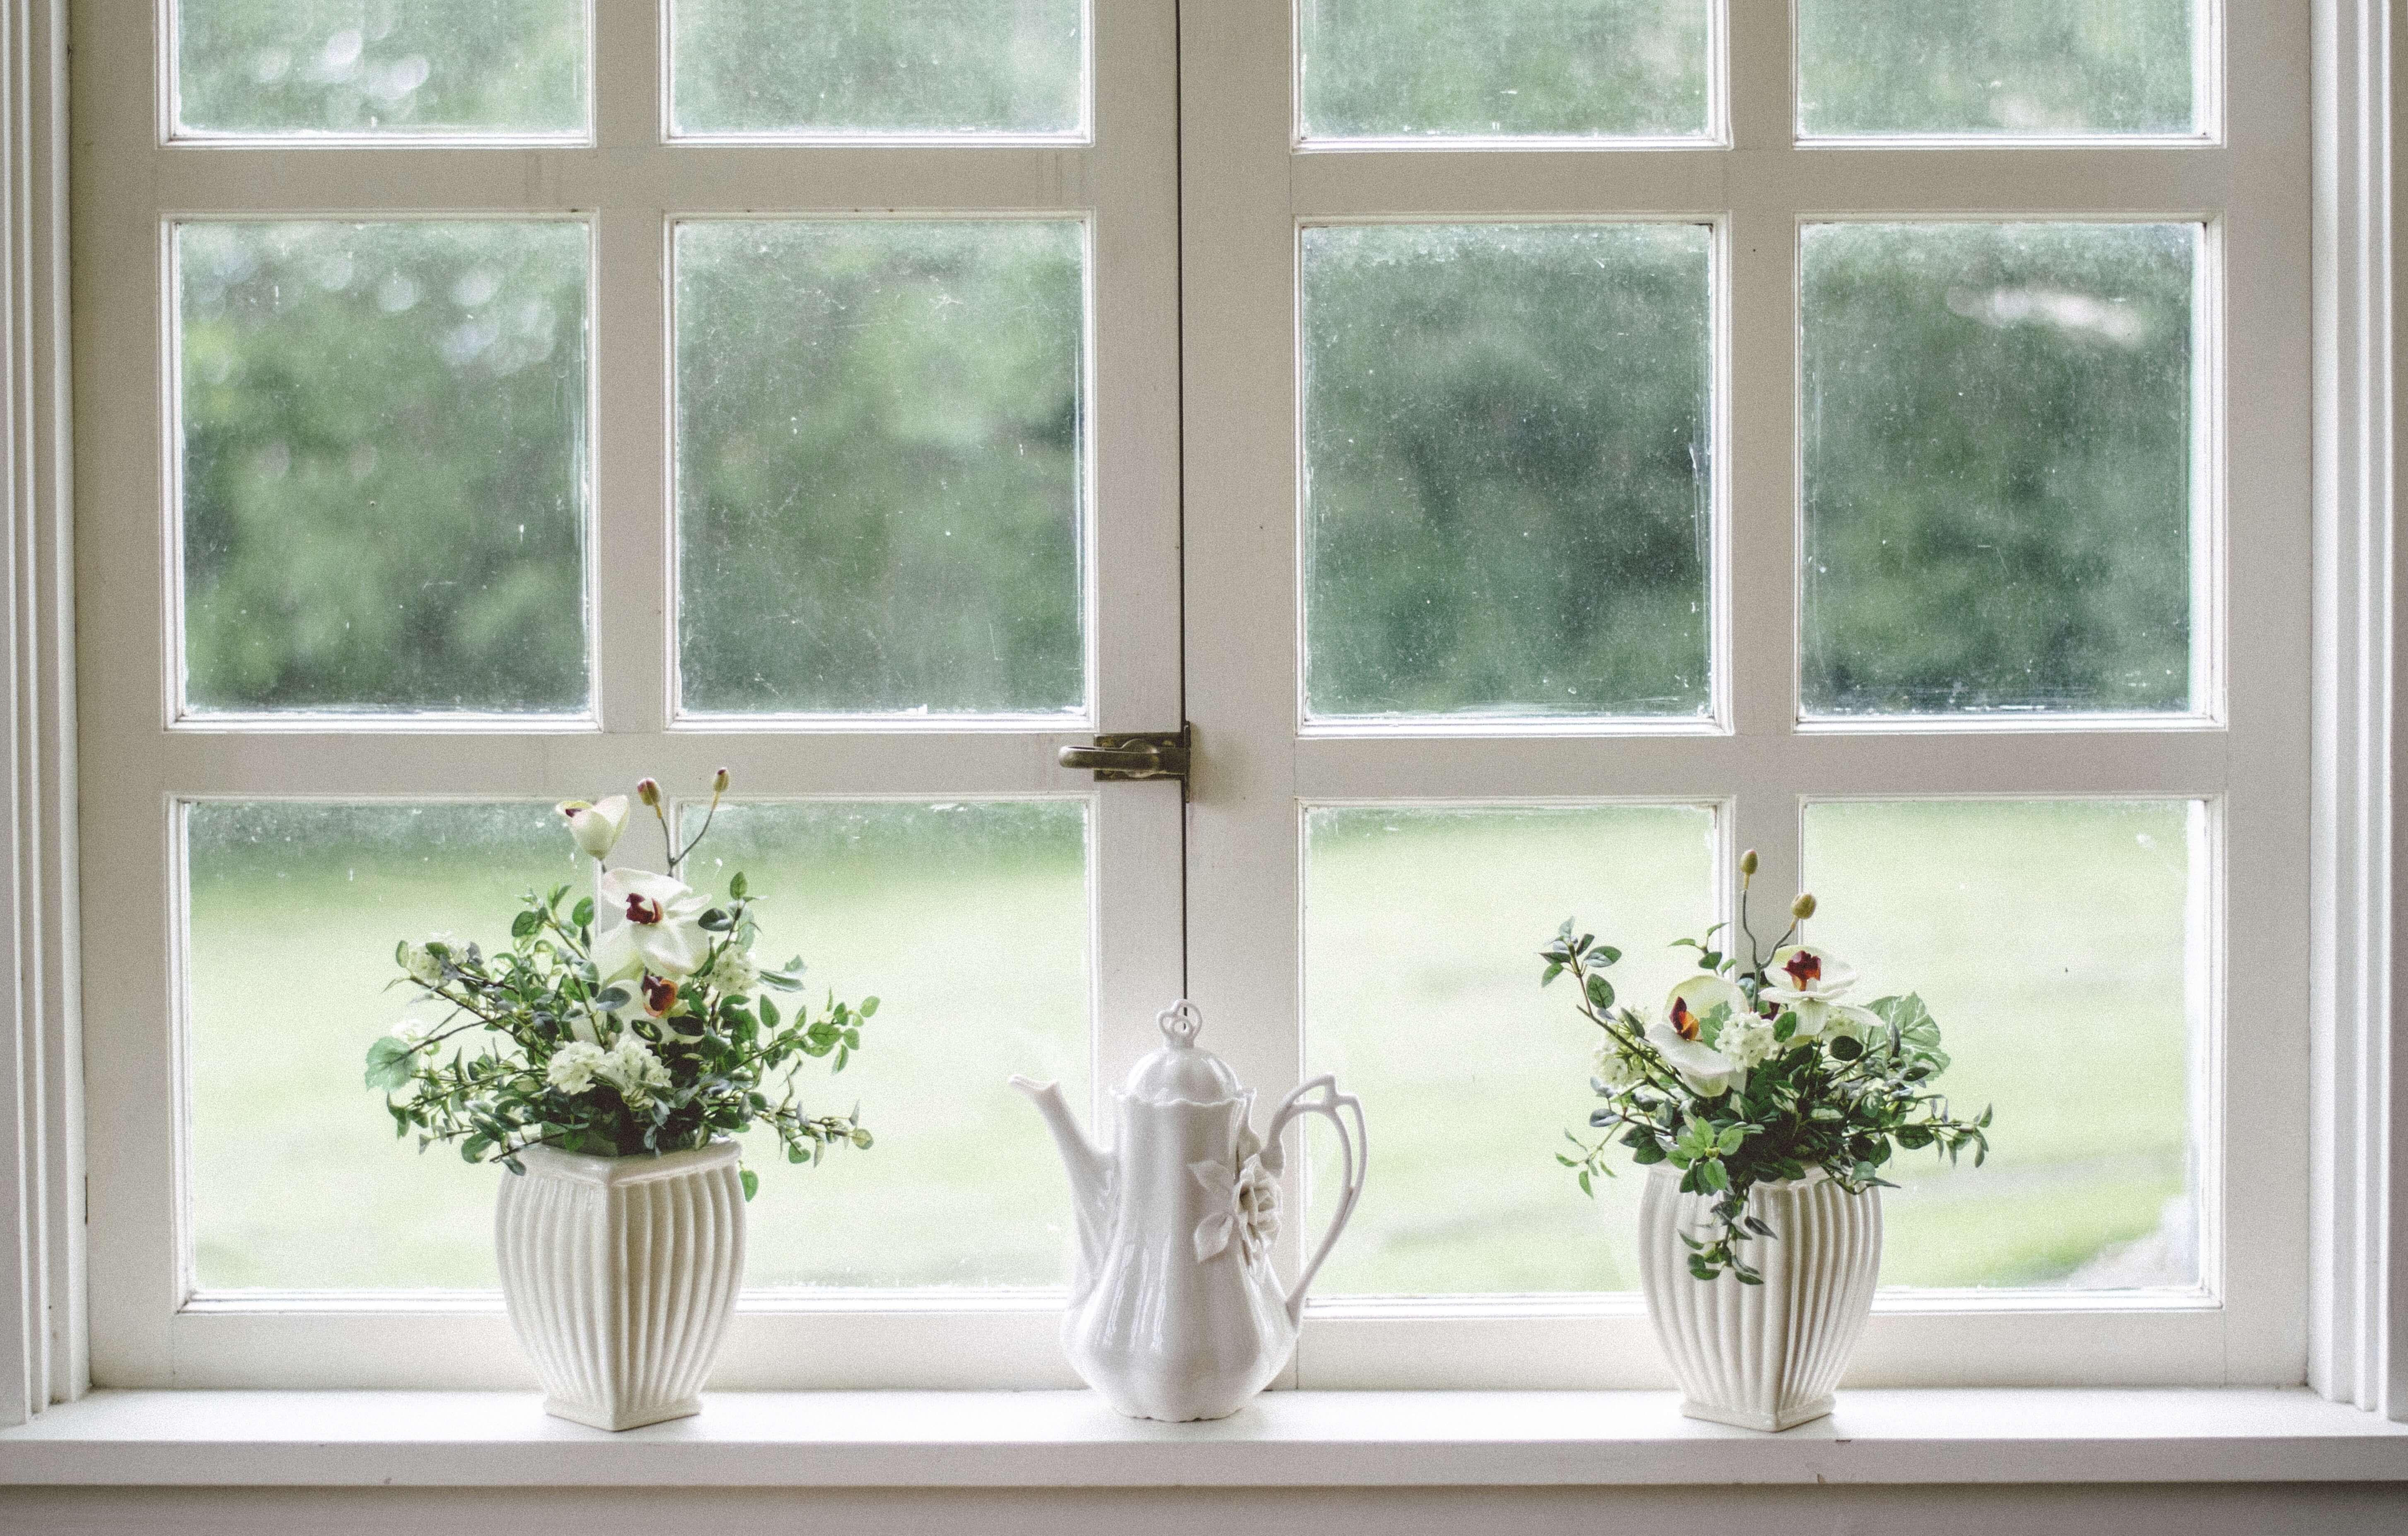 Przygotowanie okien do malowania mieszkania